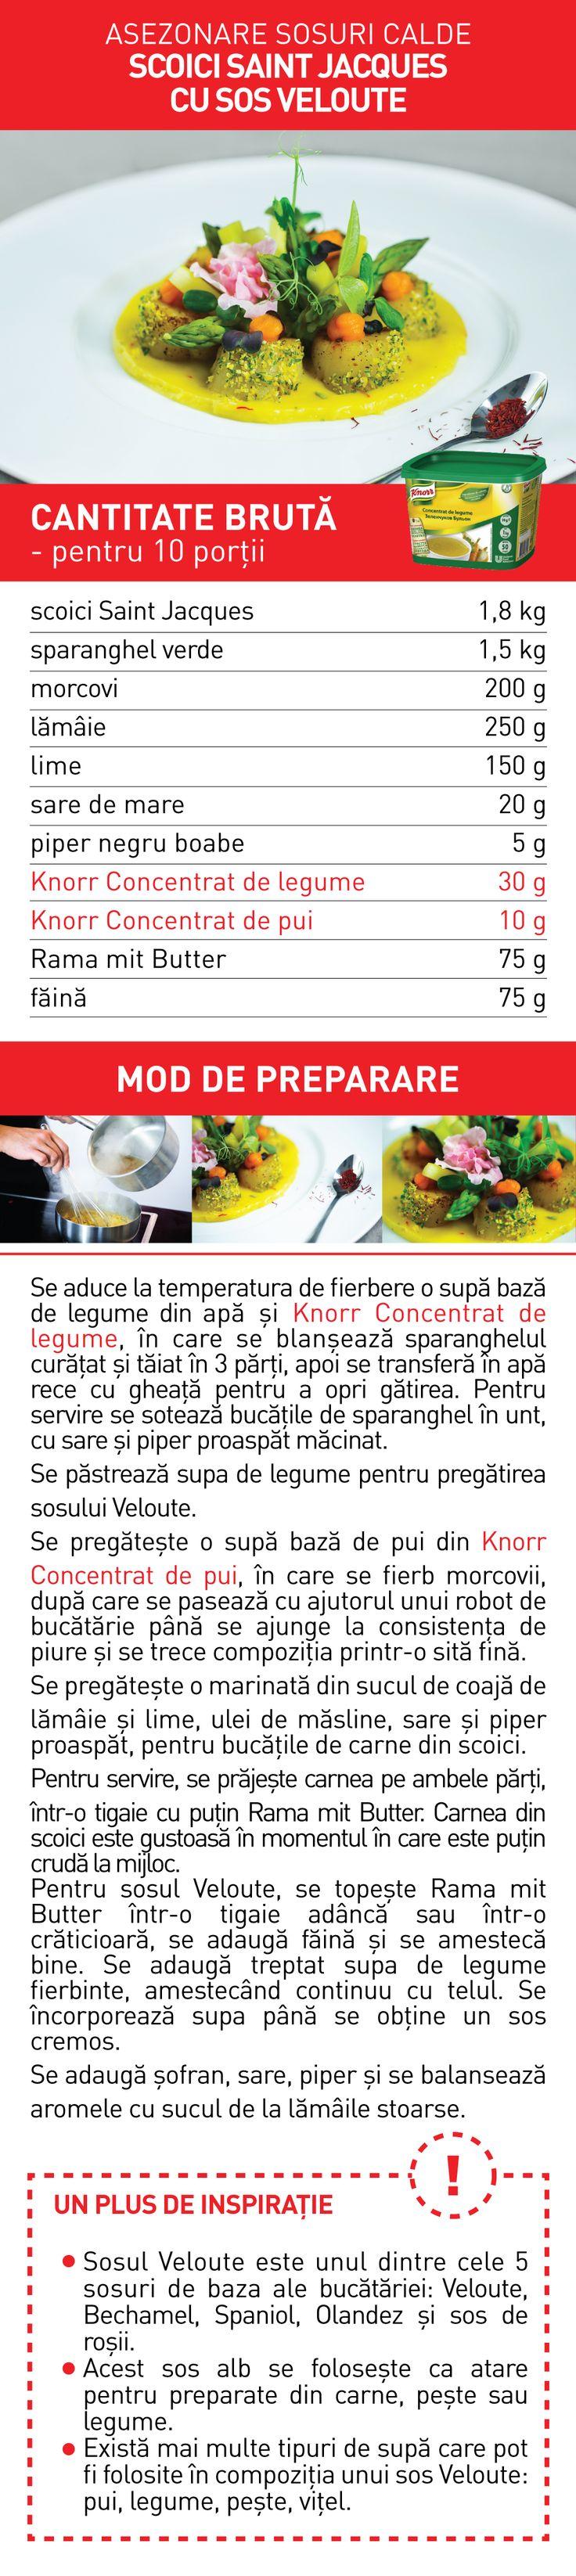 Asezonare sosuri calde - RETETE